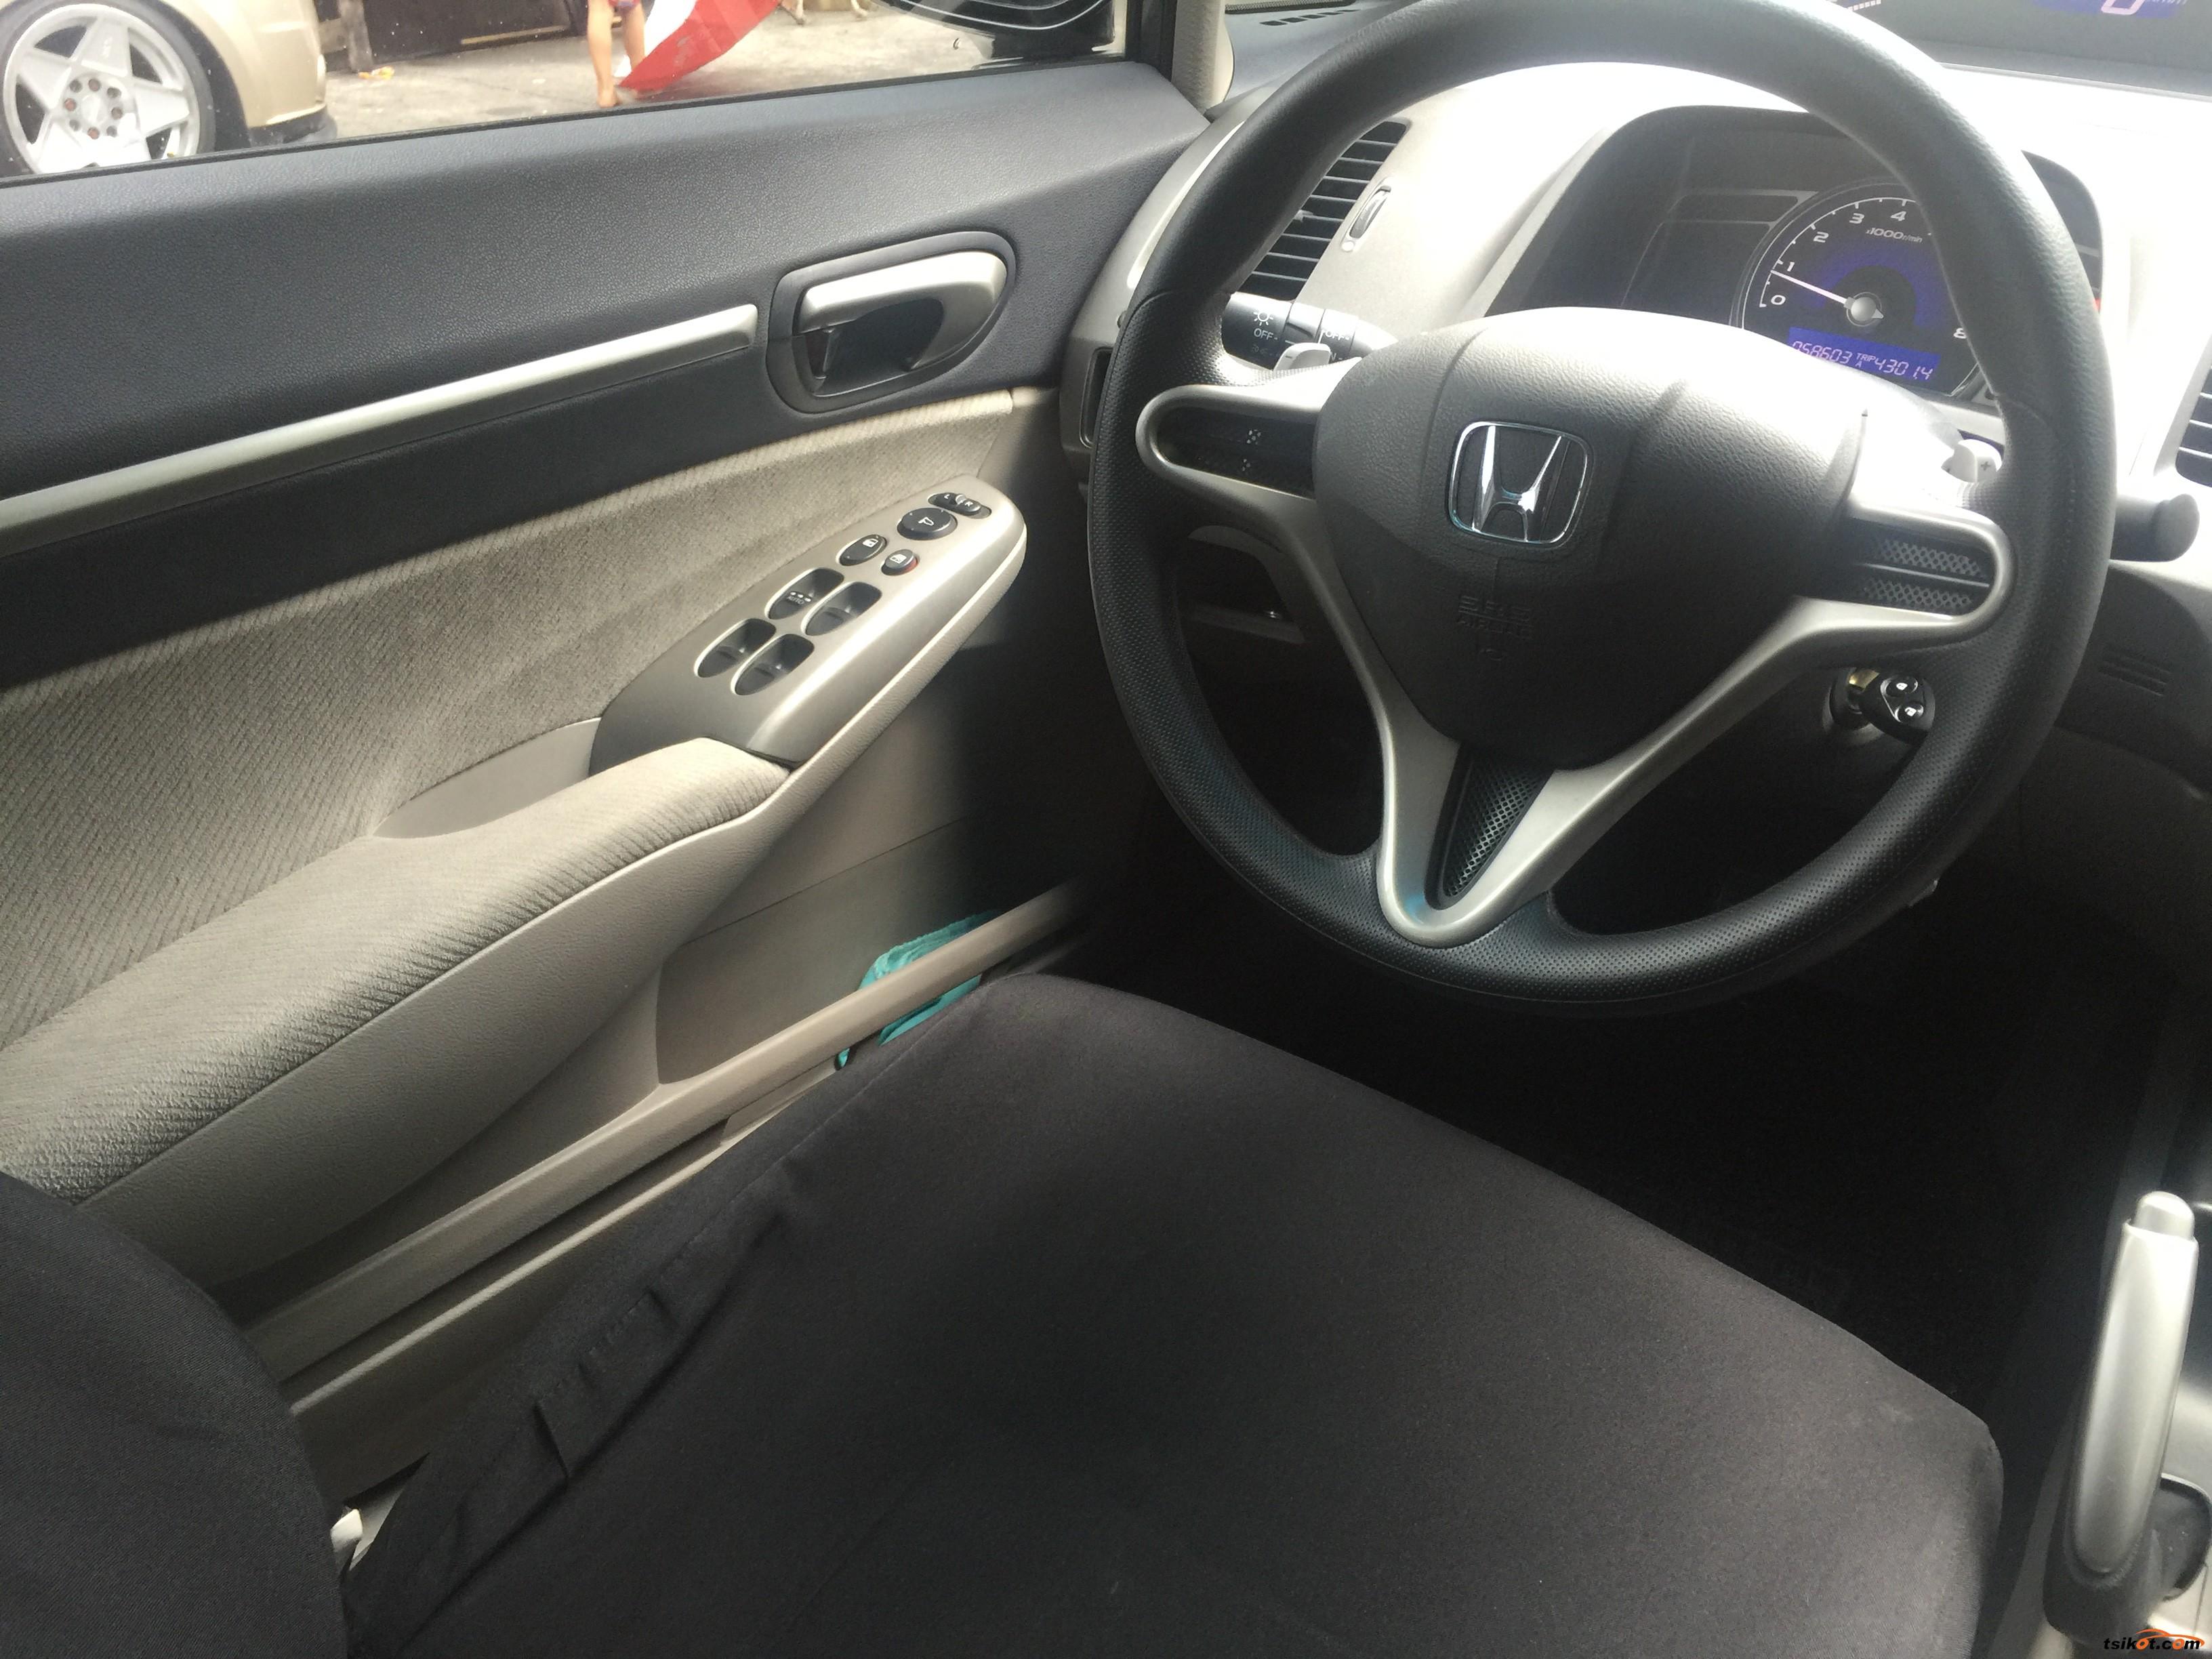 Honda Civic 2010 - 7